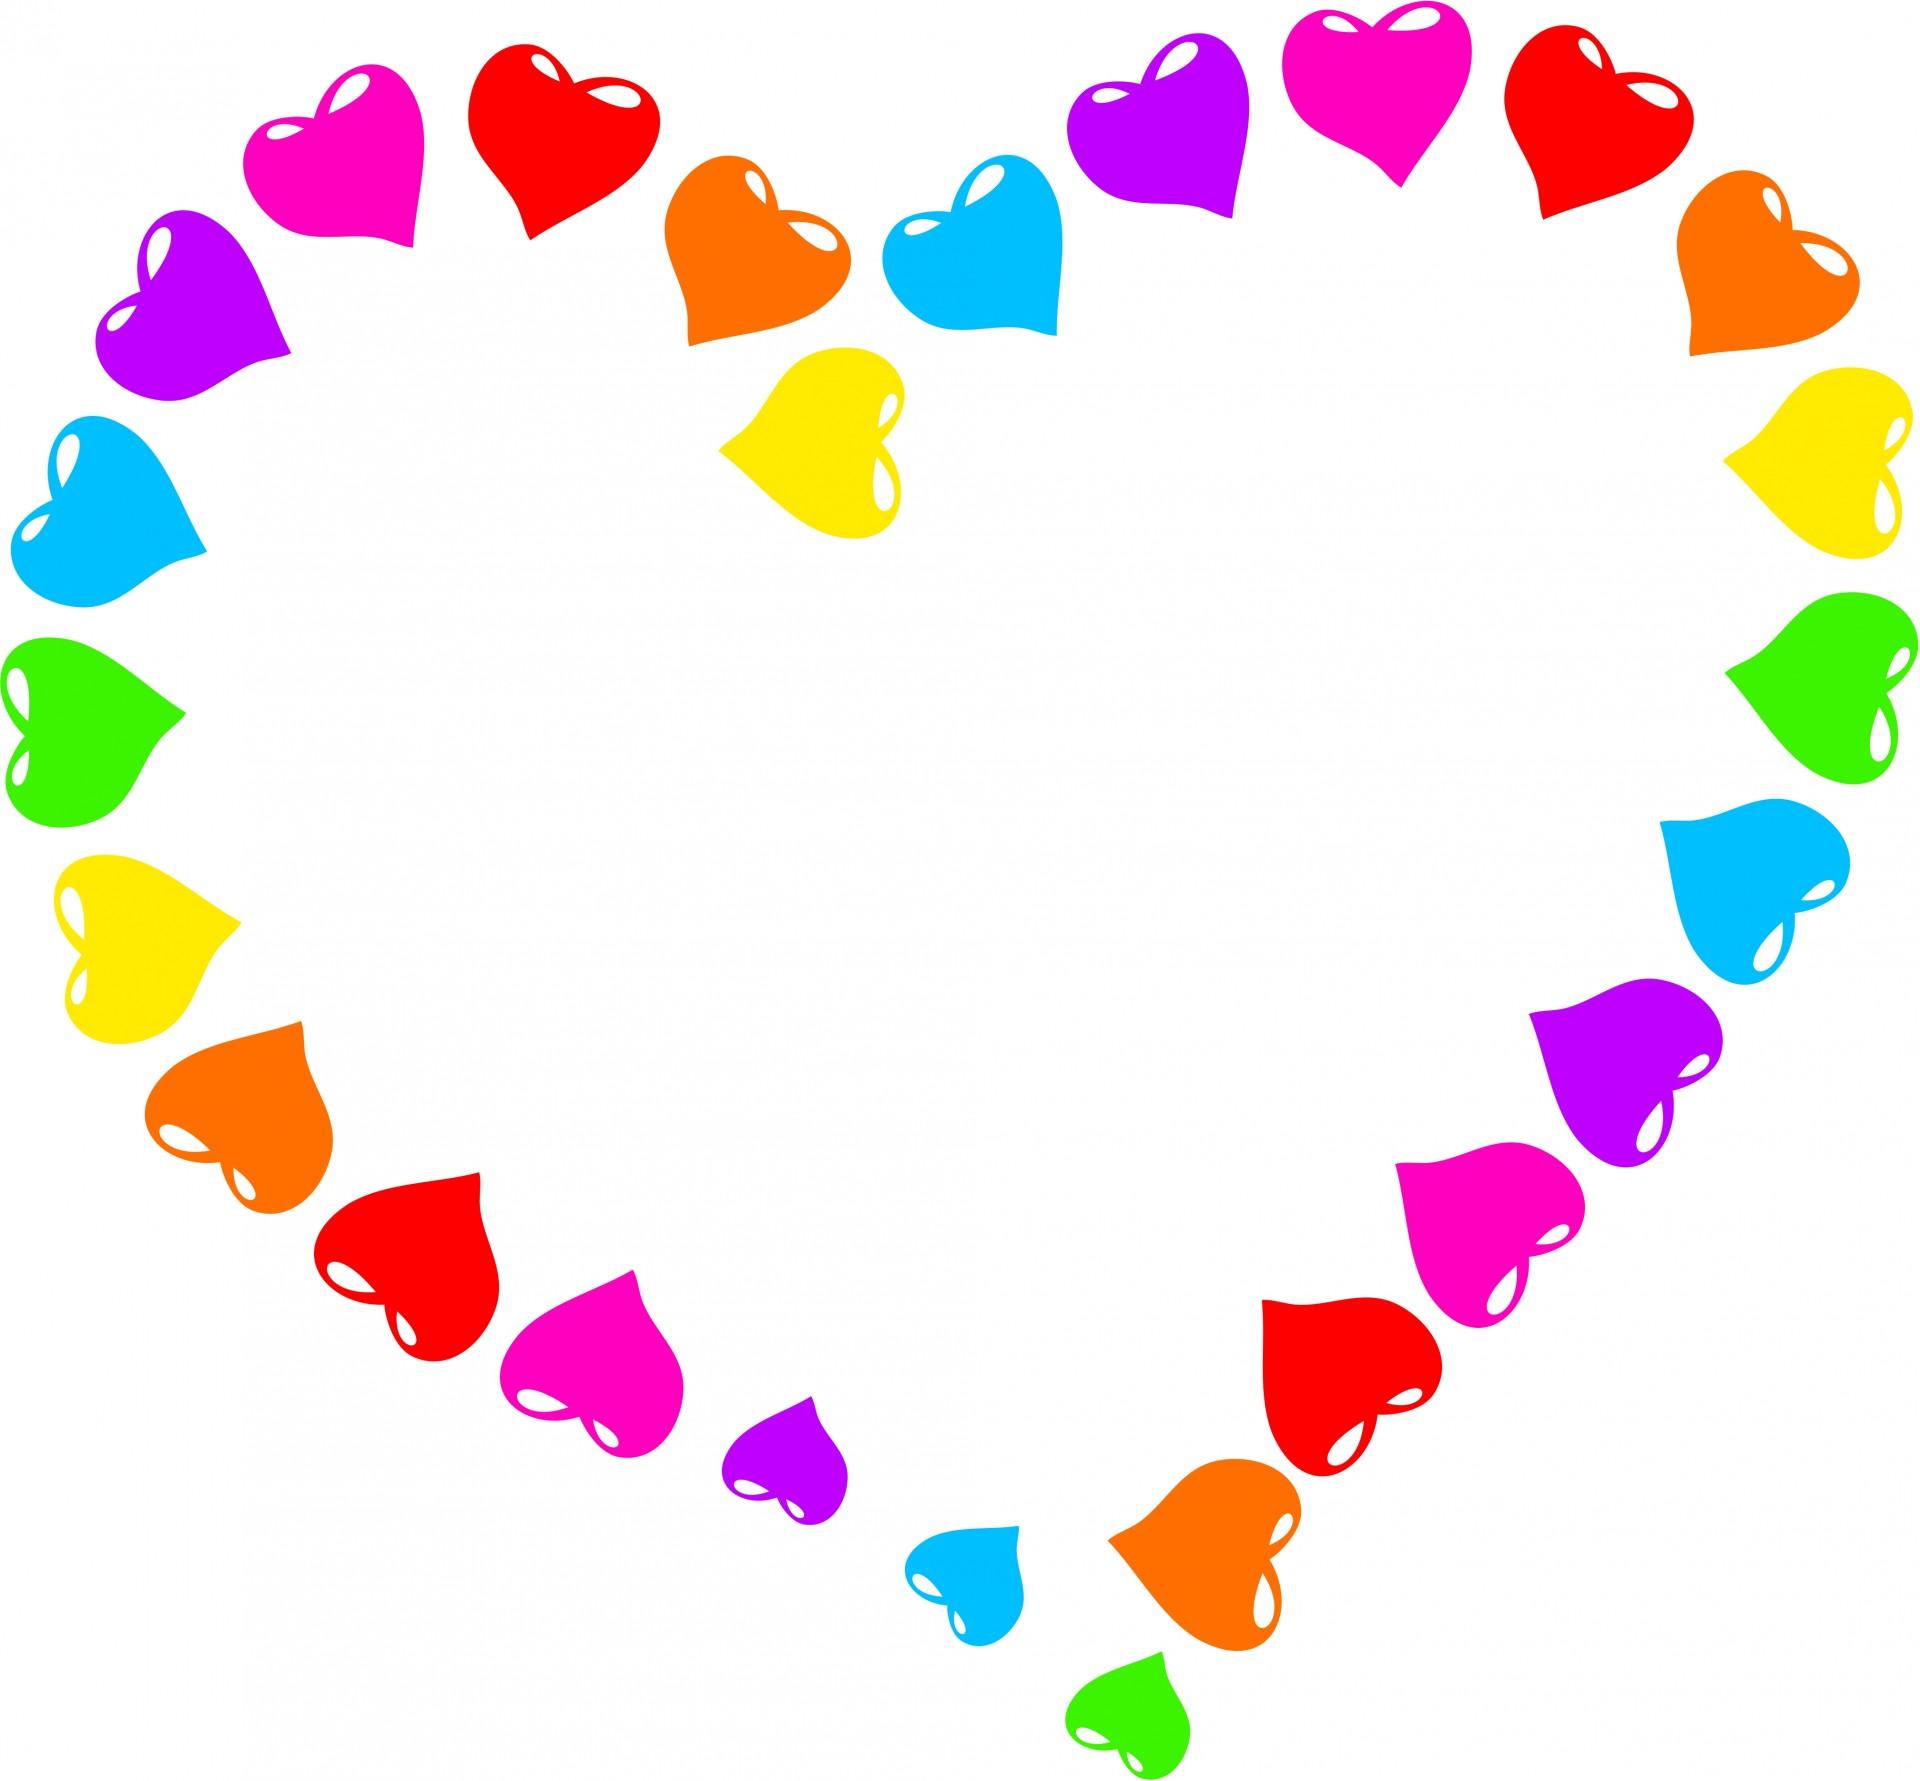 Heart clipart. Rainbow free stock photo